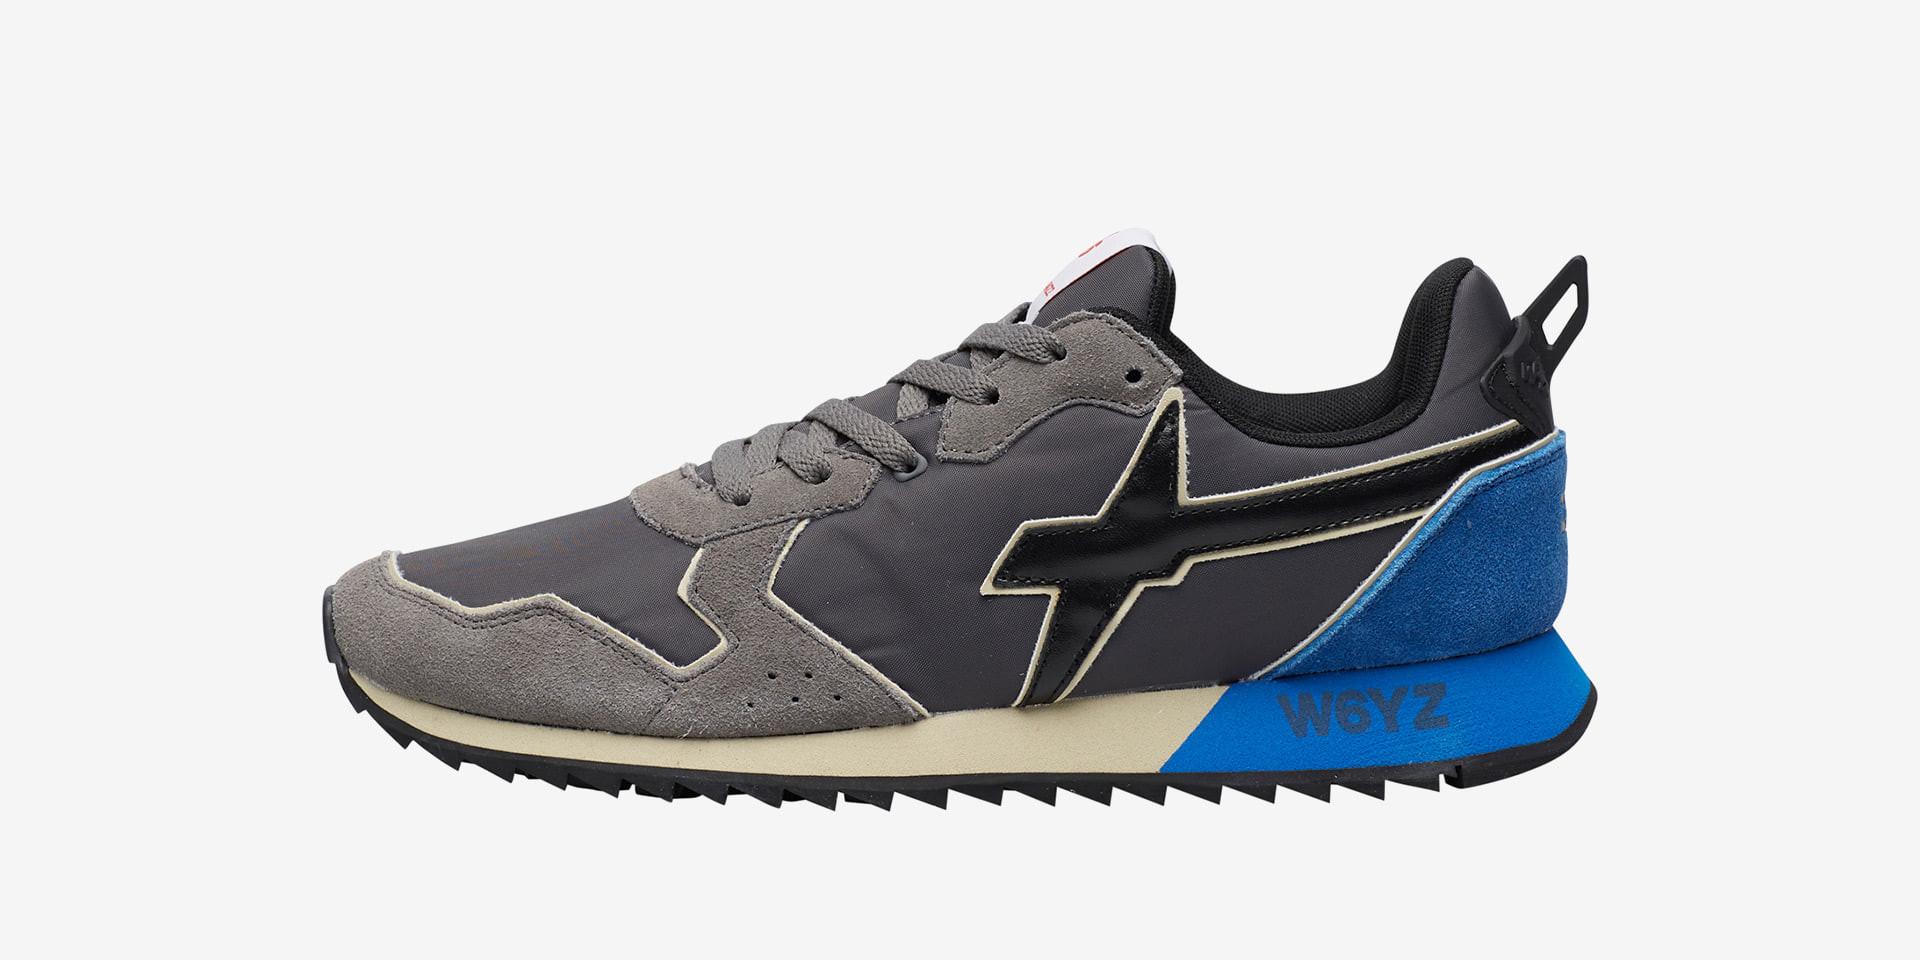 JET-M. - Sneaker in suede e tessuto tecnico - Antracite/Azzurro/Nero